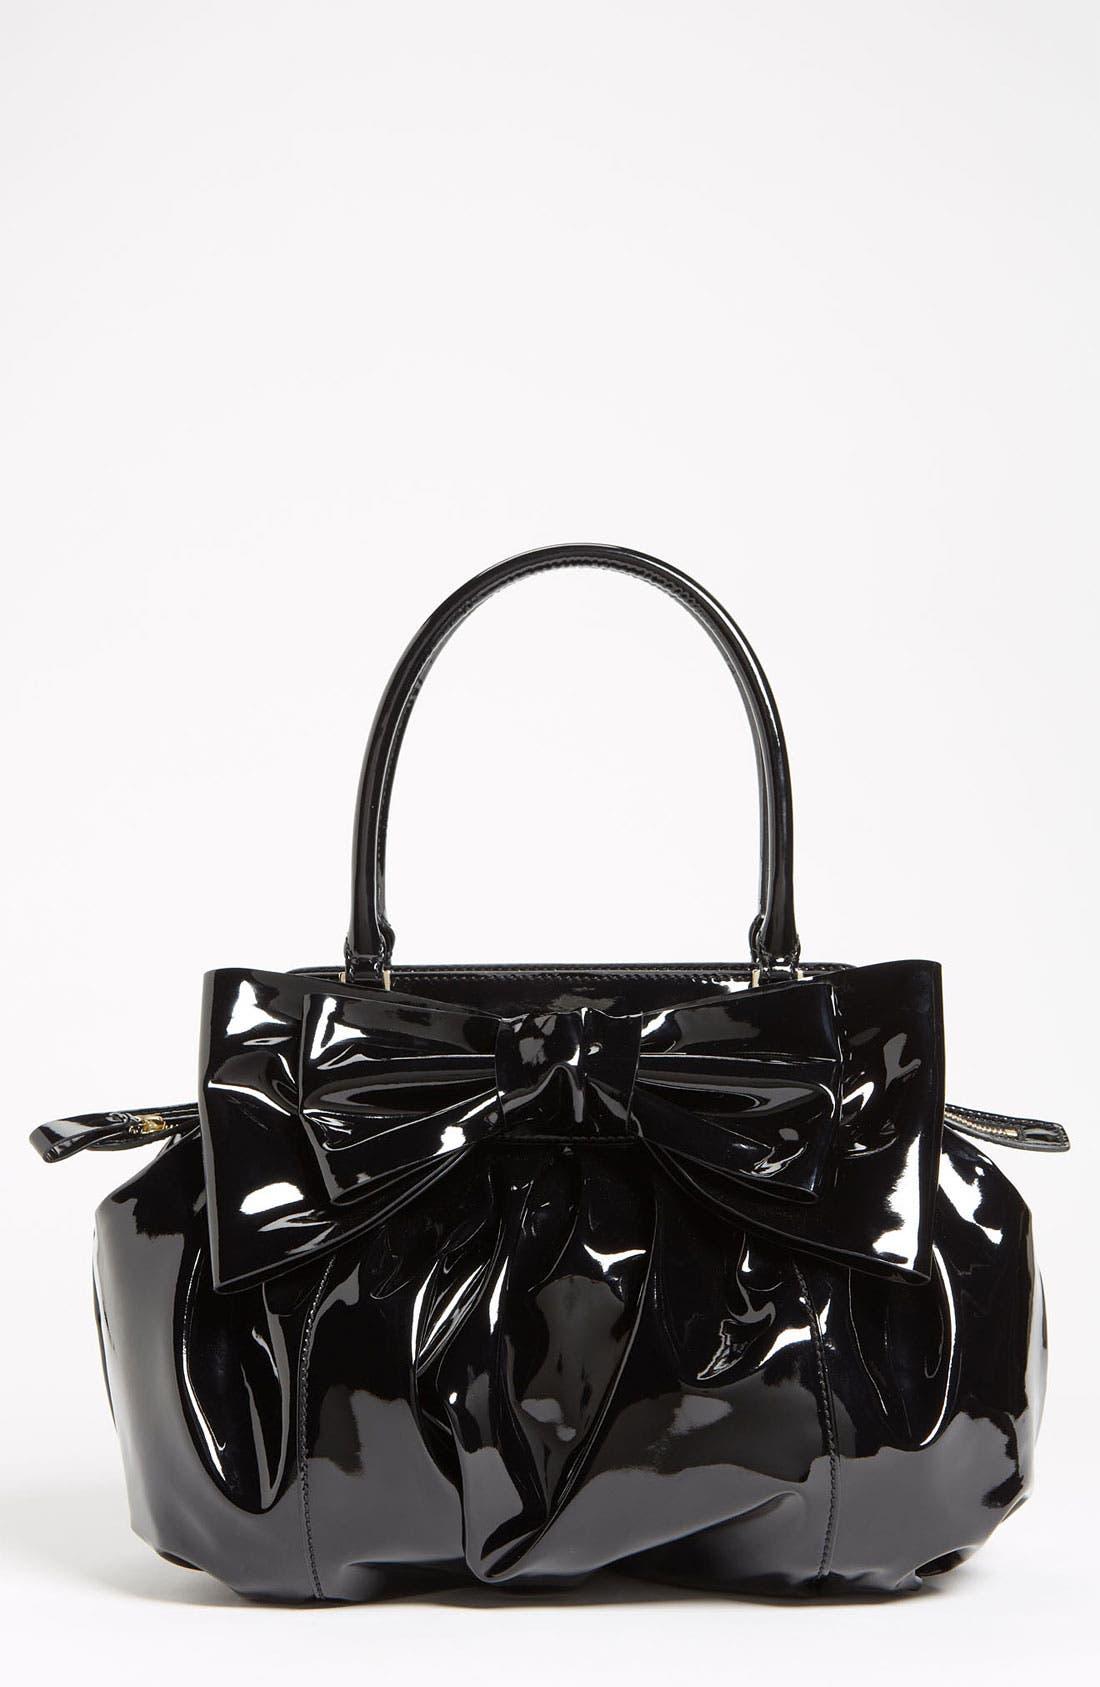 Main Image - Valentino 'Lacca Bow' Shopper